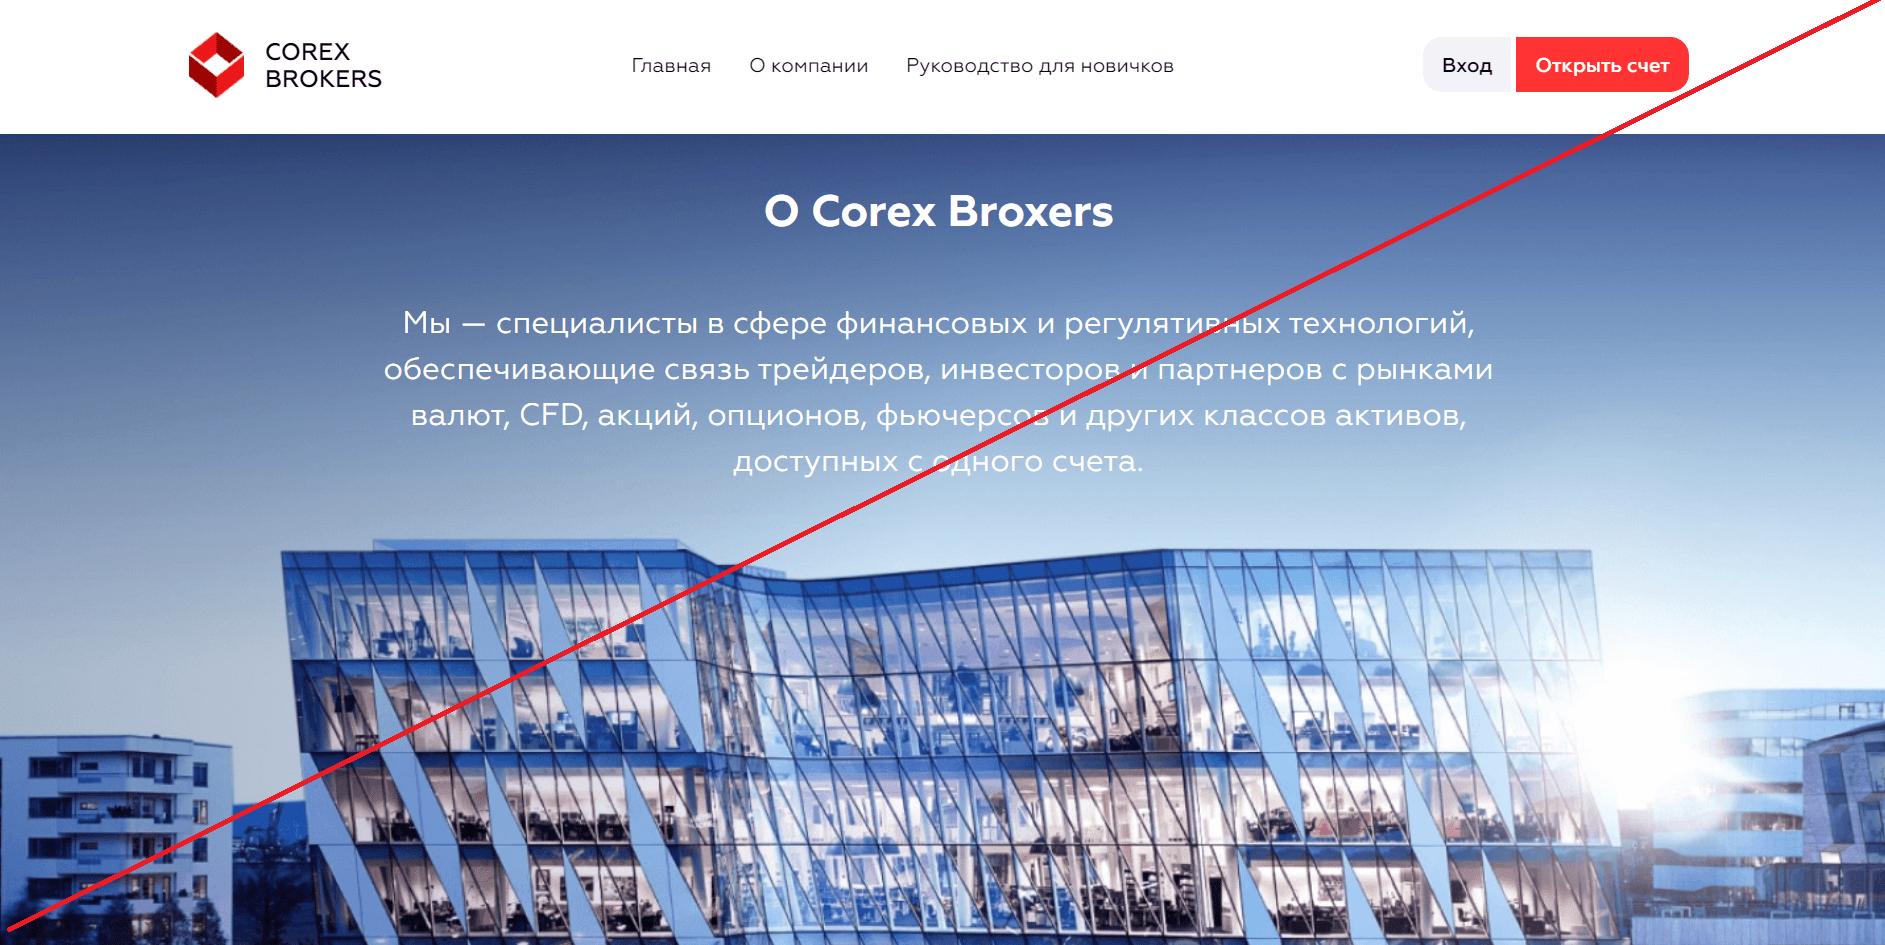 Corex Brokers Отзывы